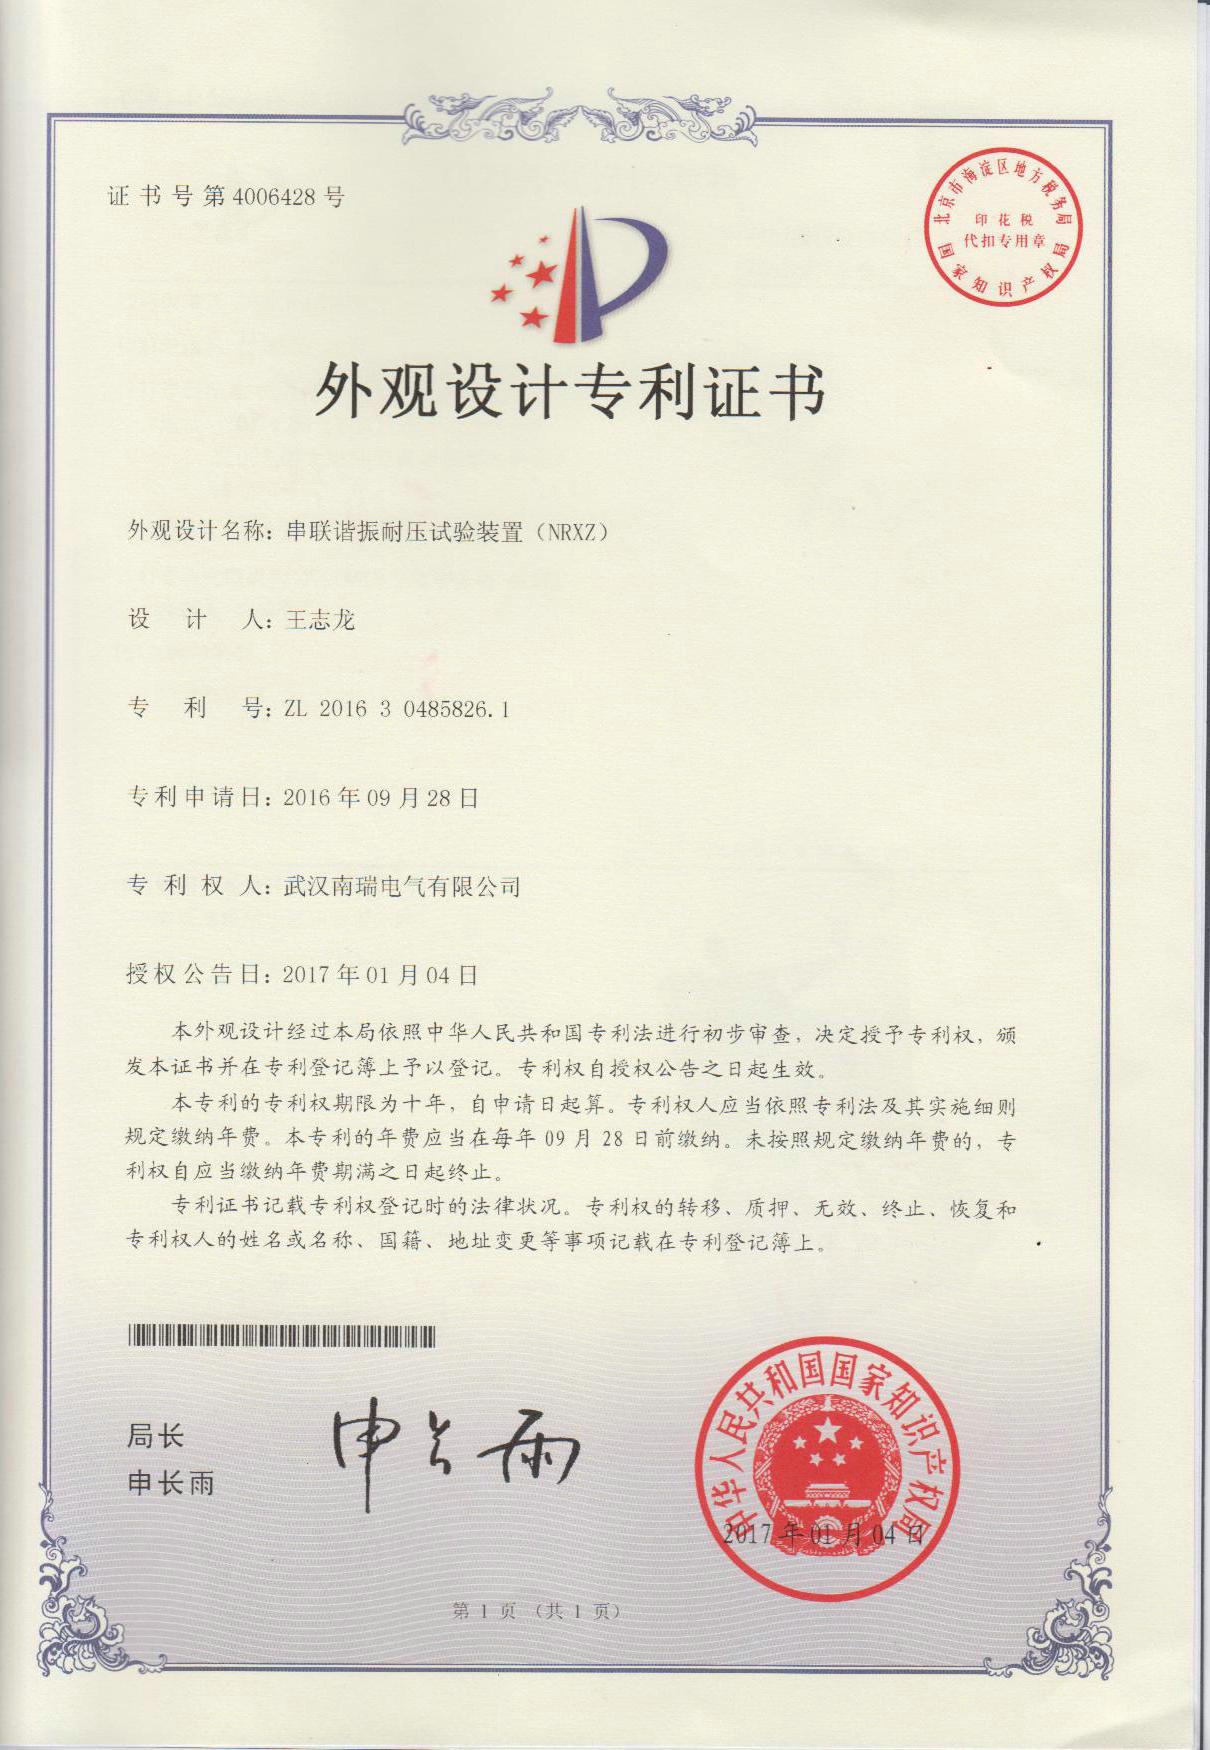 串联谐振外观设计专利证书